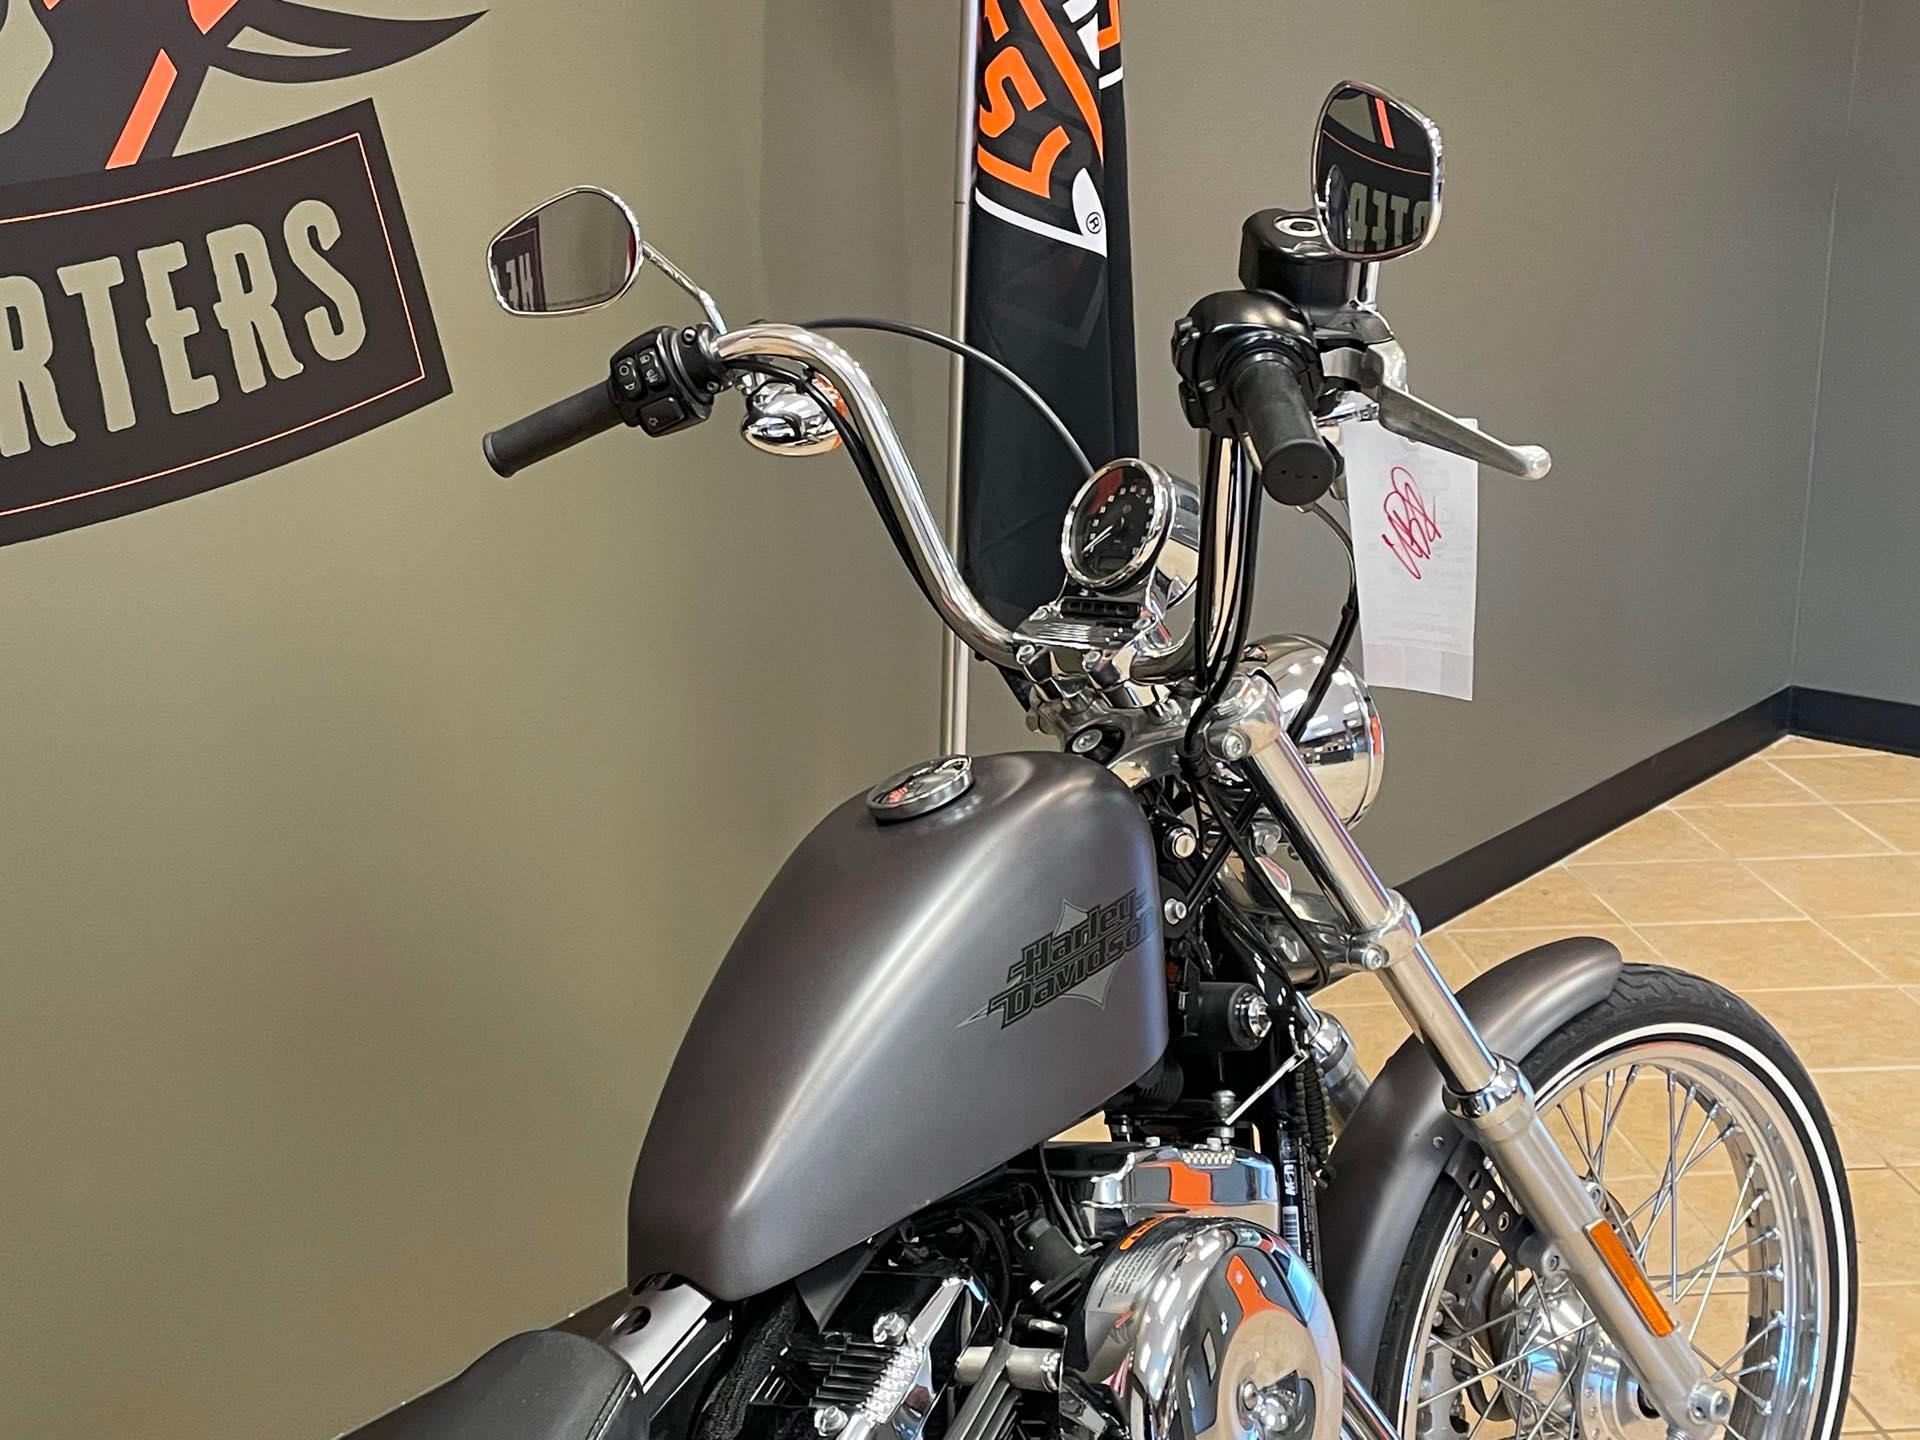 2016 Harley-Davidson Sportster Seventy-Two at Loess Hills Harley-Davidson